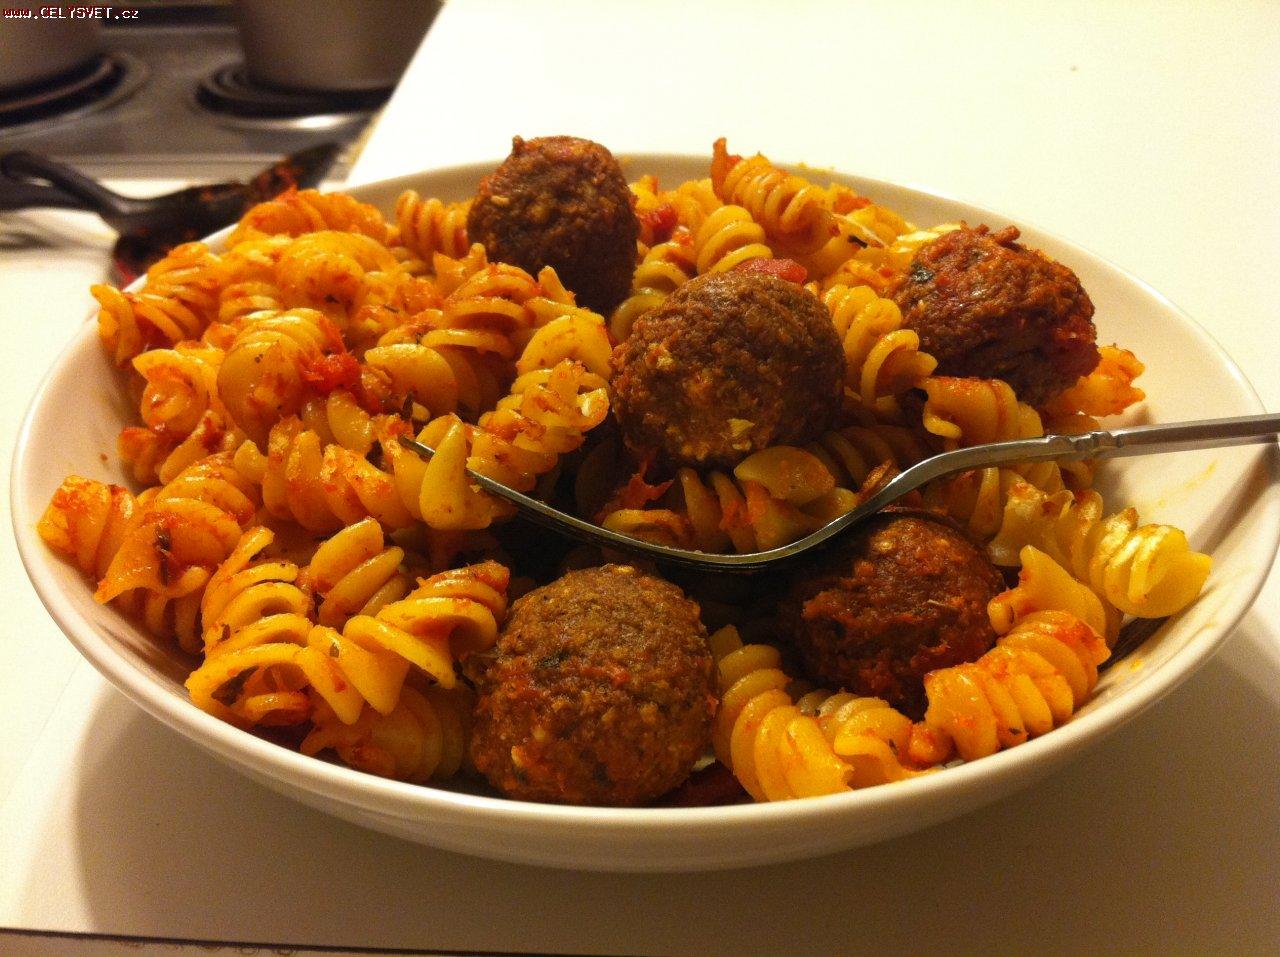 рецепт спагетти с фрикадельками в томатном соусе рецепт с фото